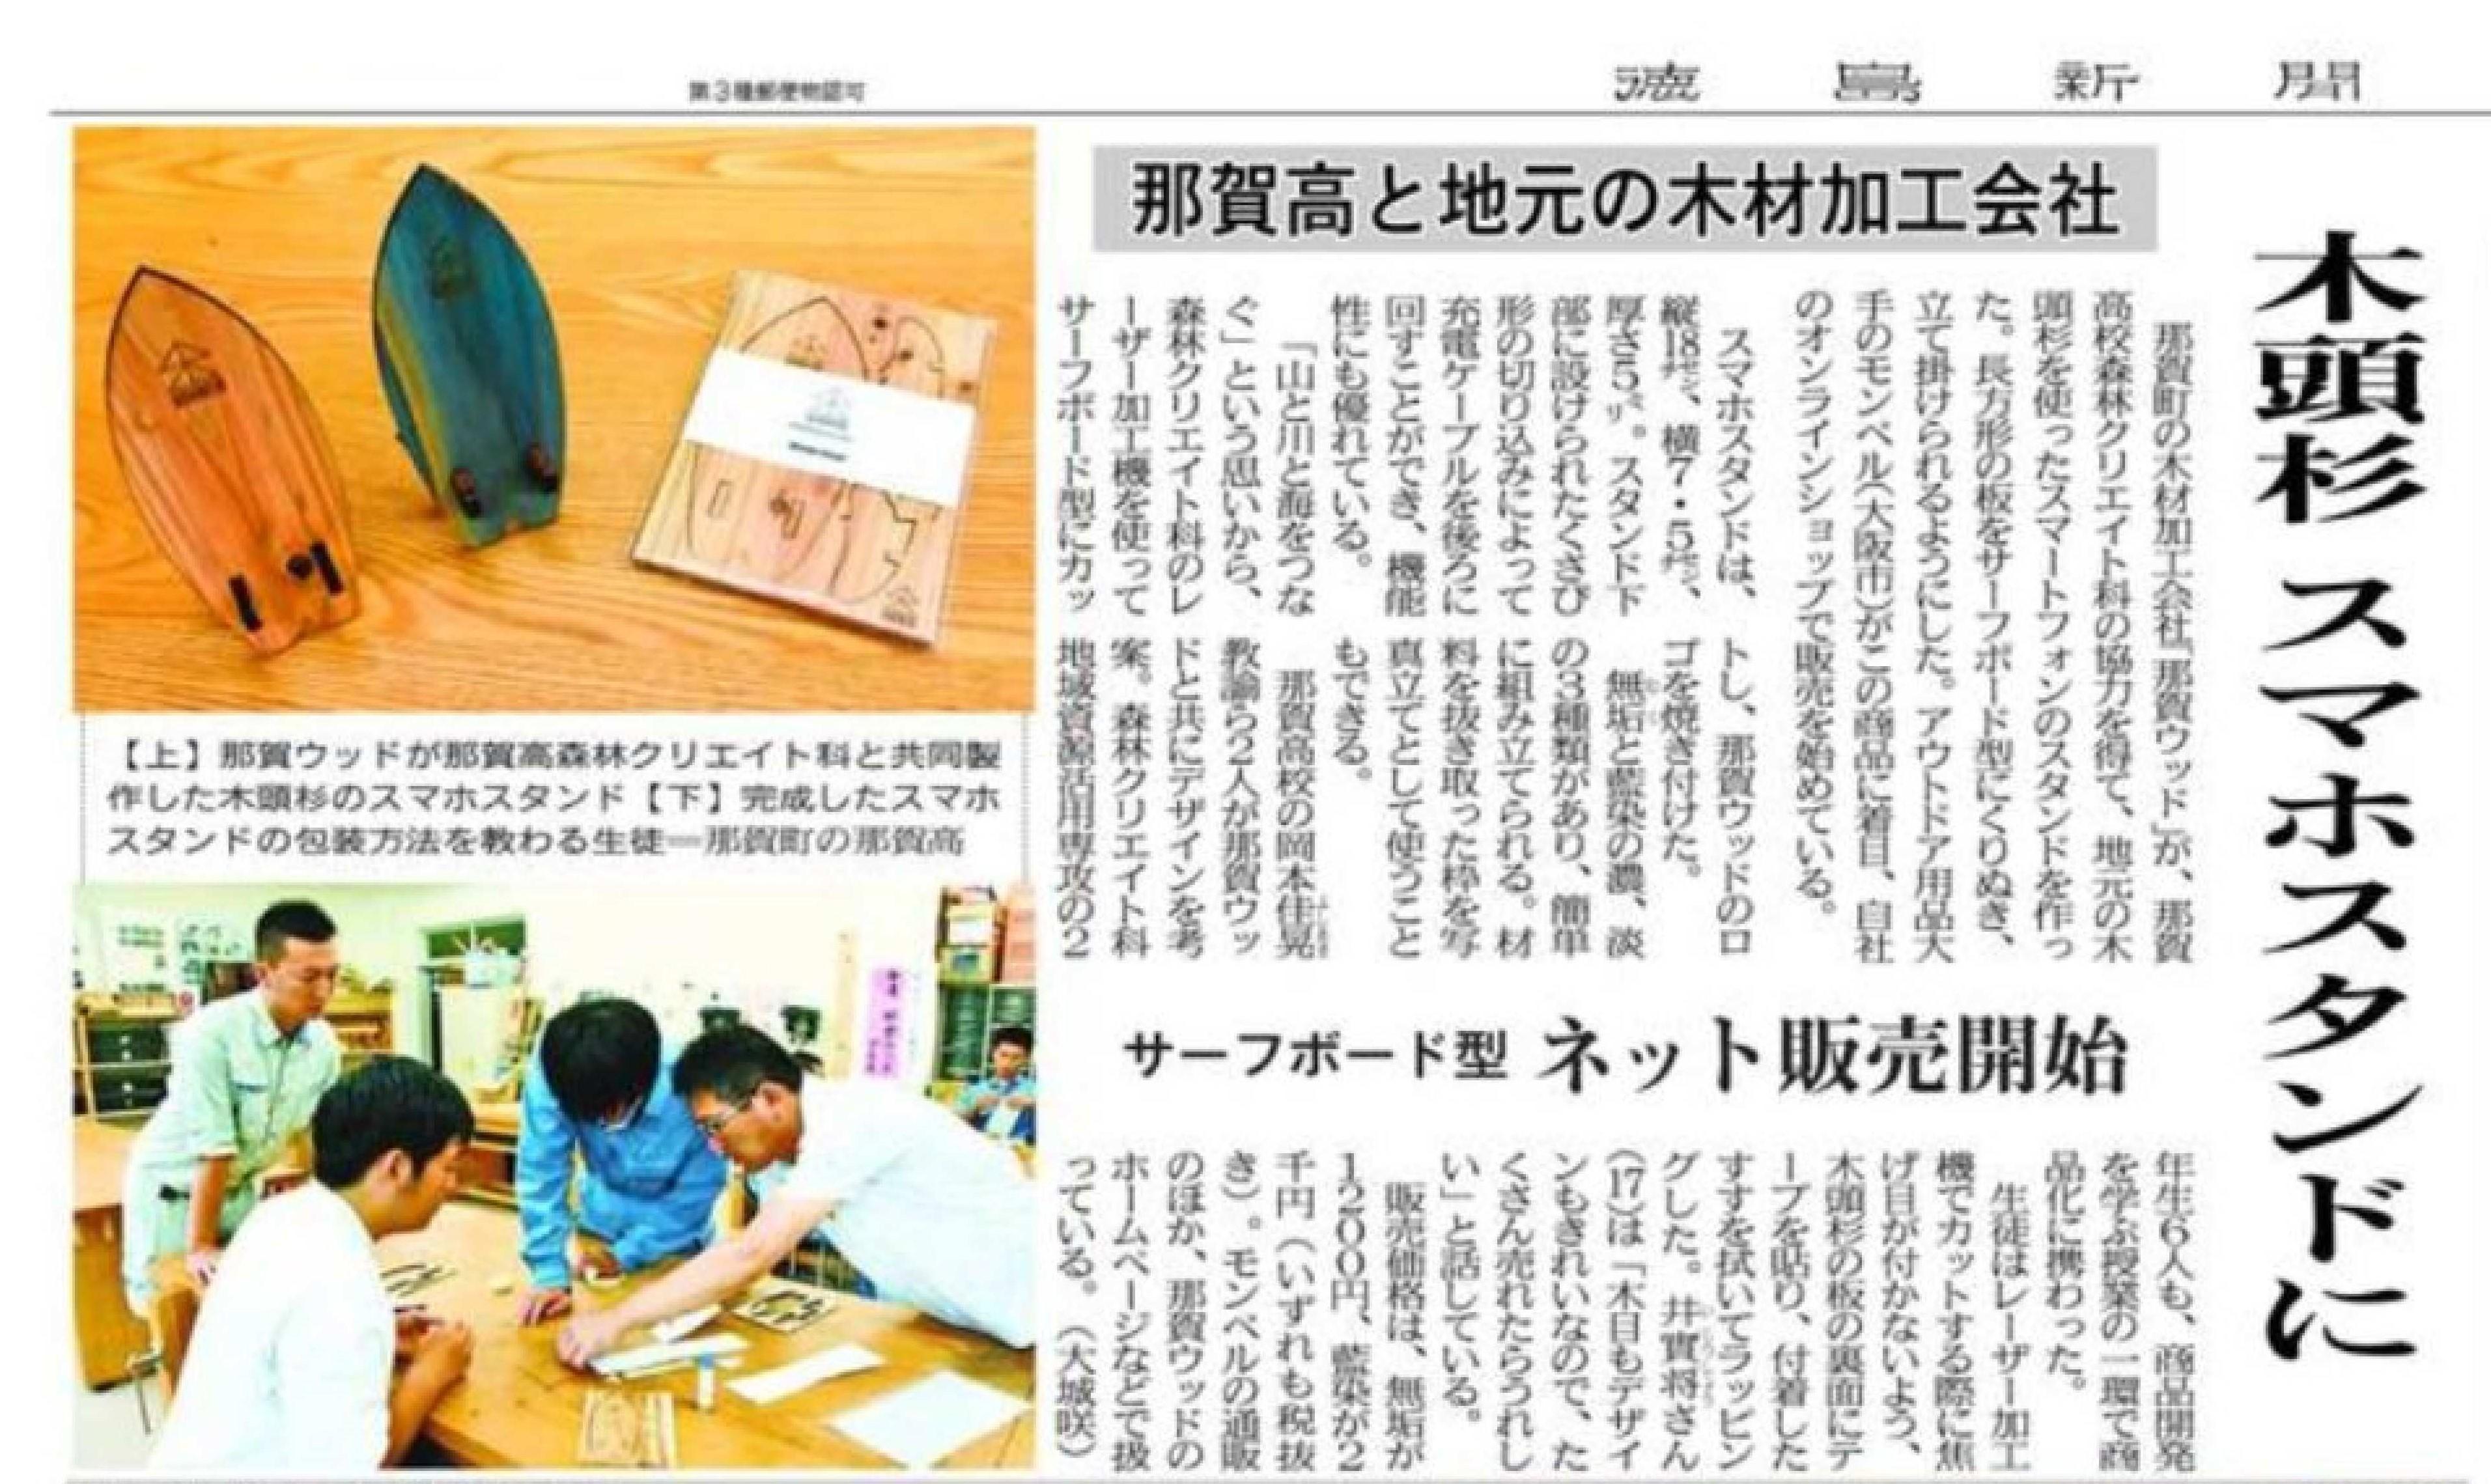 那賀高校と共同開発の木頭杉のスマホスタンドを徳島新聞に掲載頂きました